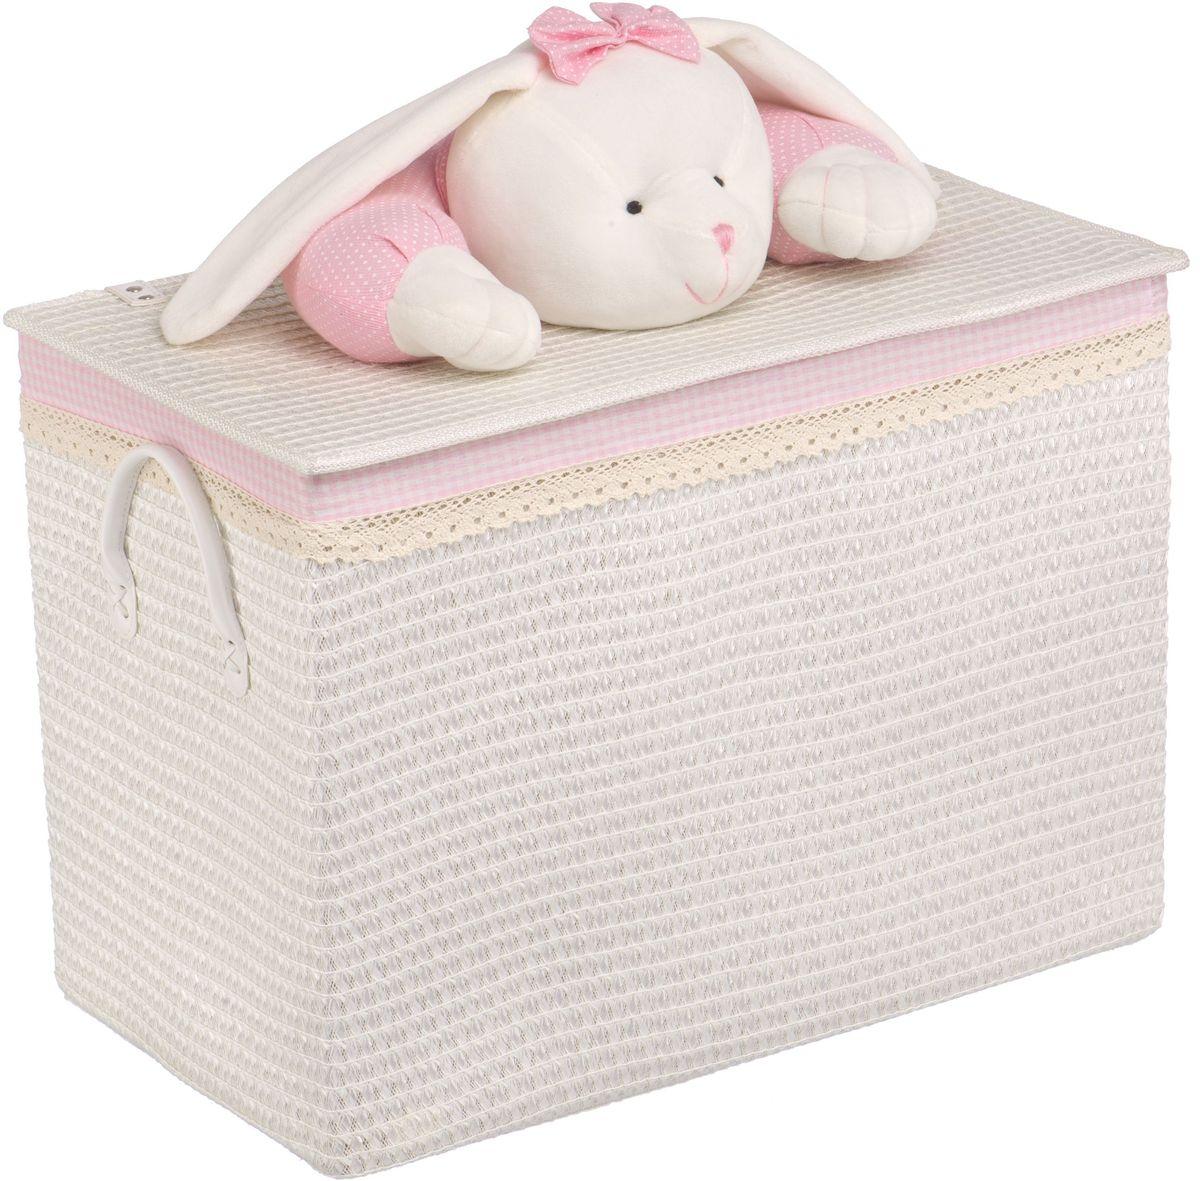 Корзина для белья Natural House Зайчик, цвет: белый, 55 x 32 x 40 см391602Бельевая корзина с игрушкой Зайчик отлично подойдет для детской. Корзина с мягкой игрушкой способна оживить обстановку и создать атмосферу добра и благополучия в любом помещении. В корзине легко и удобно хранить игрушки, белье и другие предметы.